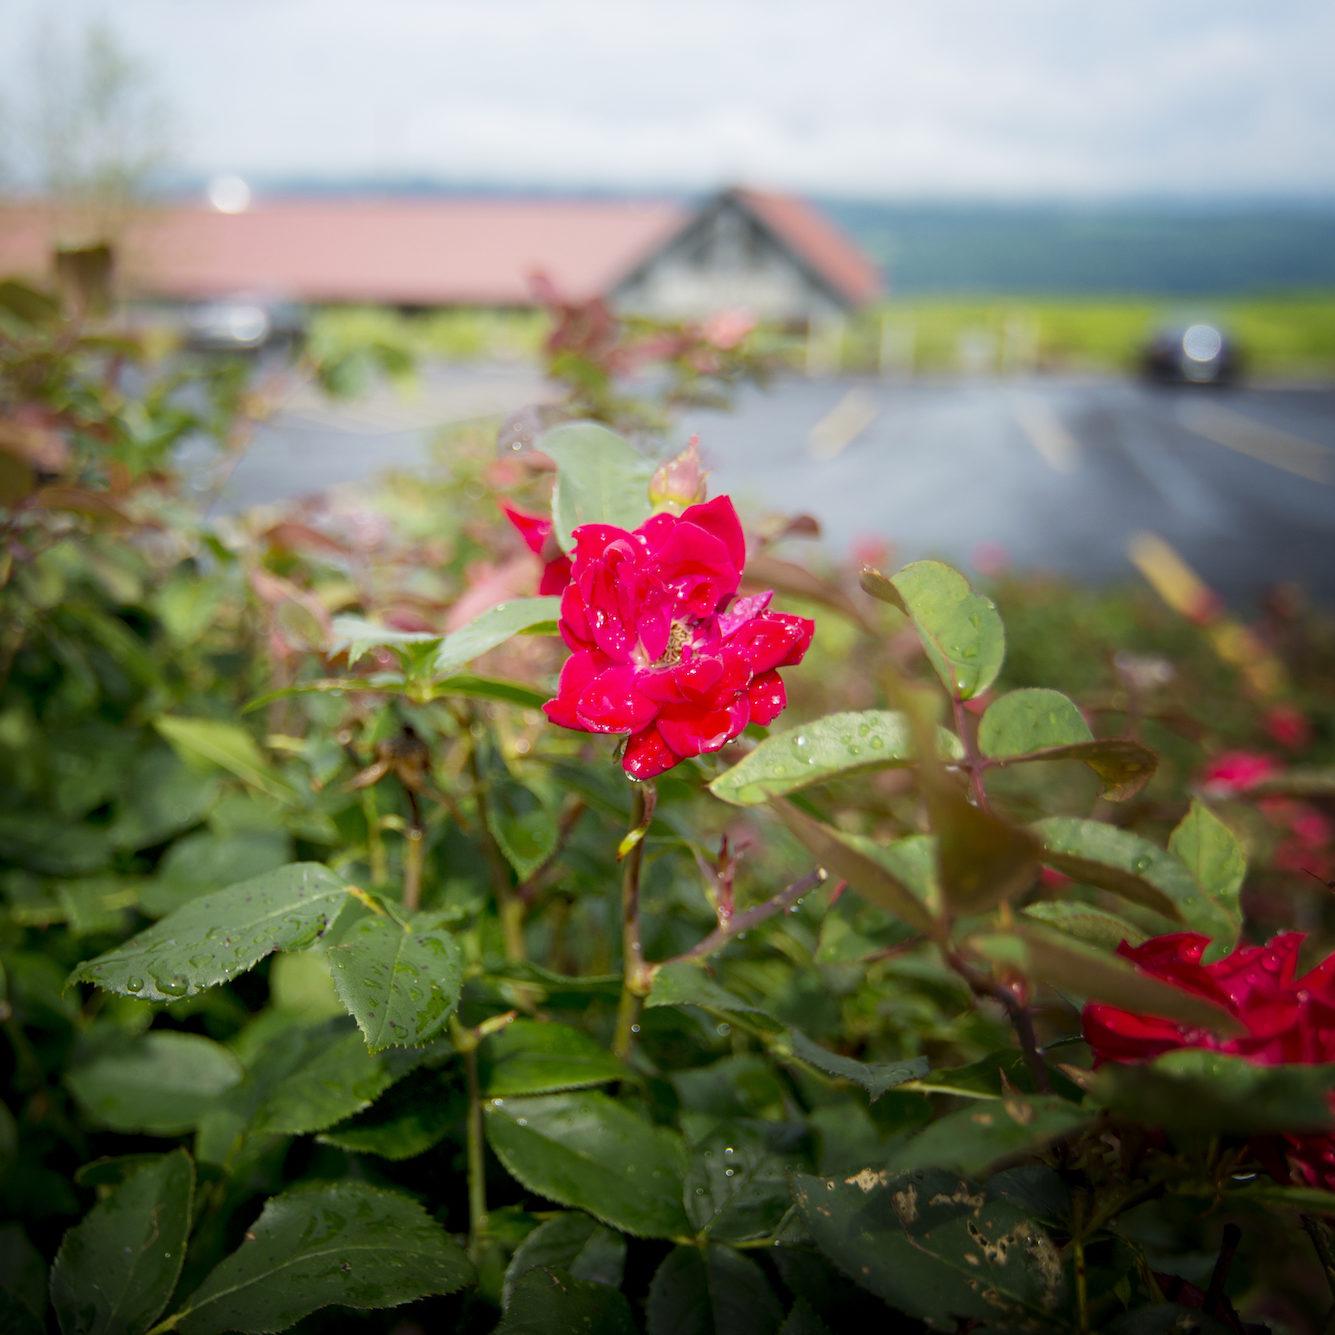 Lakewood Vineyards' Rose   Finger Lakes Vineyards